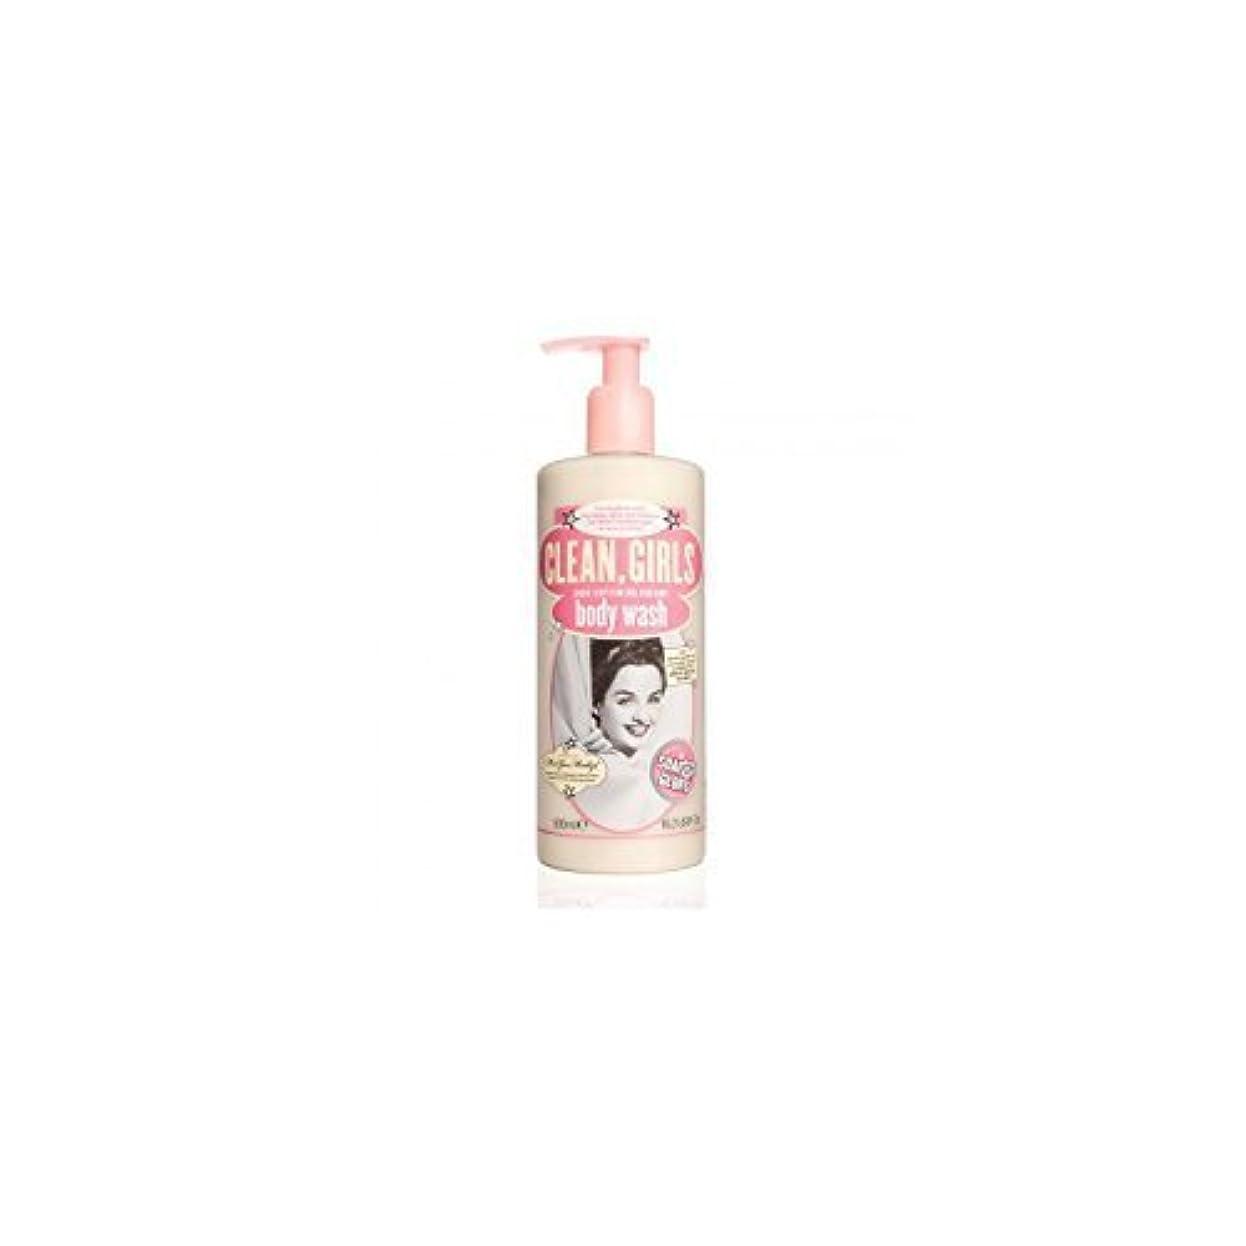 ラッドヤードキップリング天国どちらもSoap & Glory Clean Girls Body Wash 500ml by Trifing